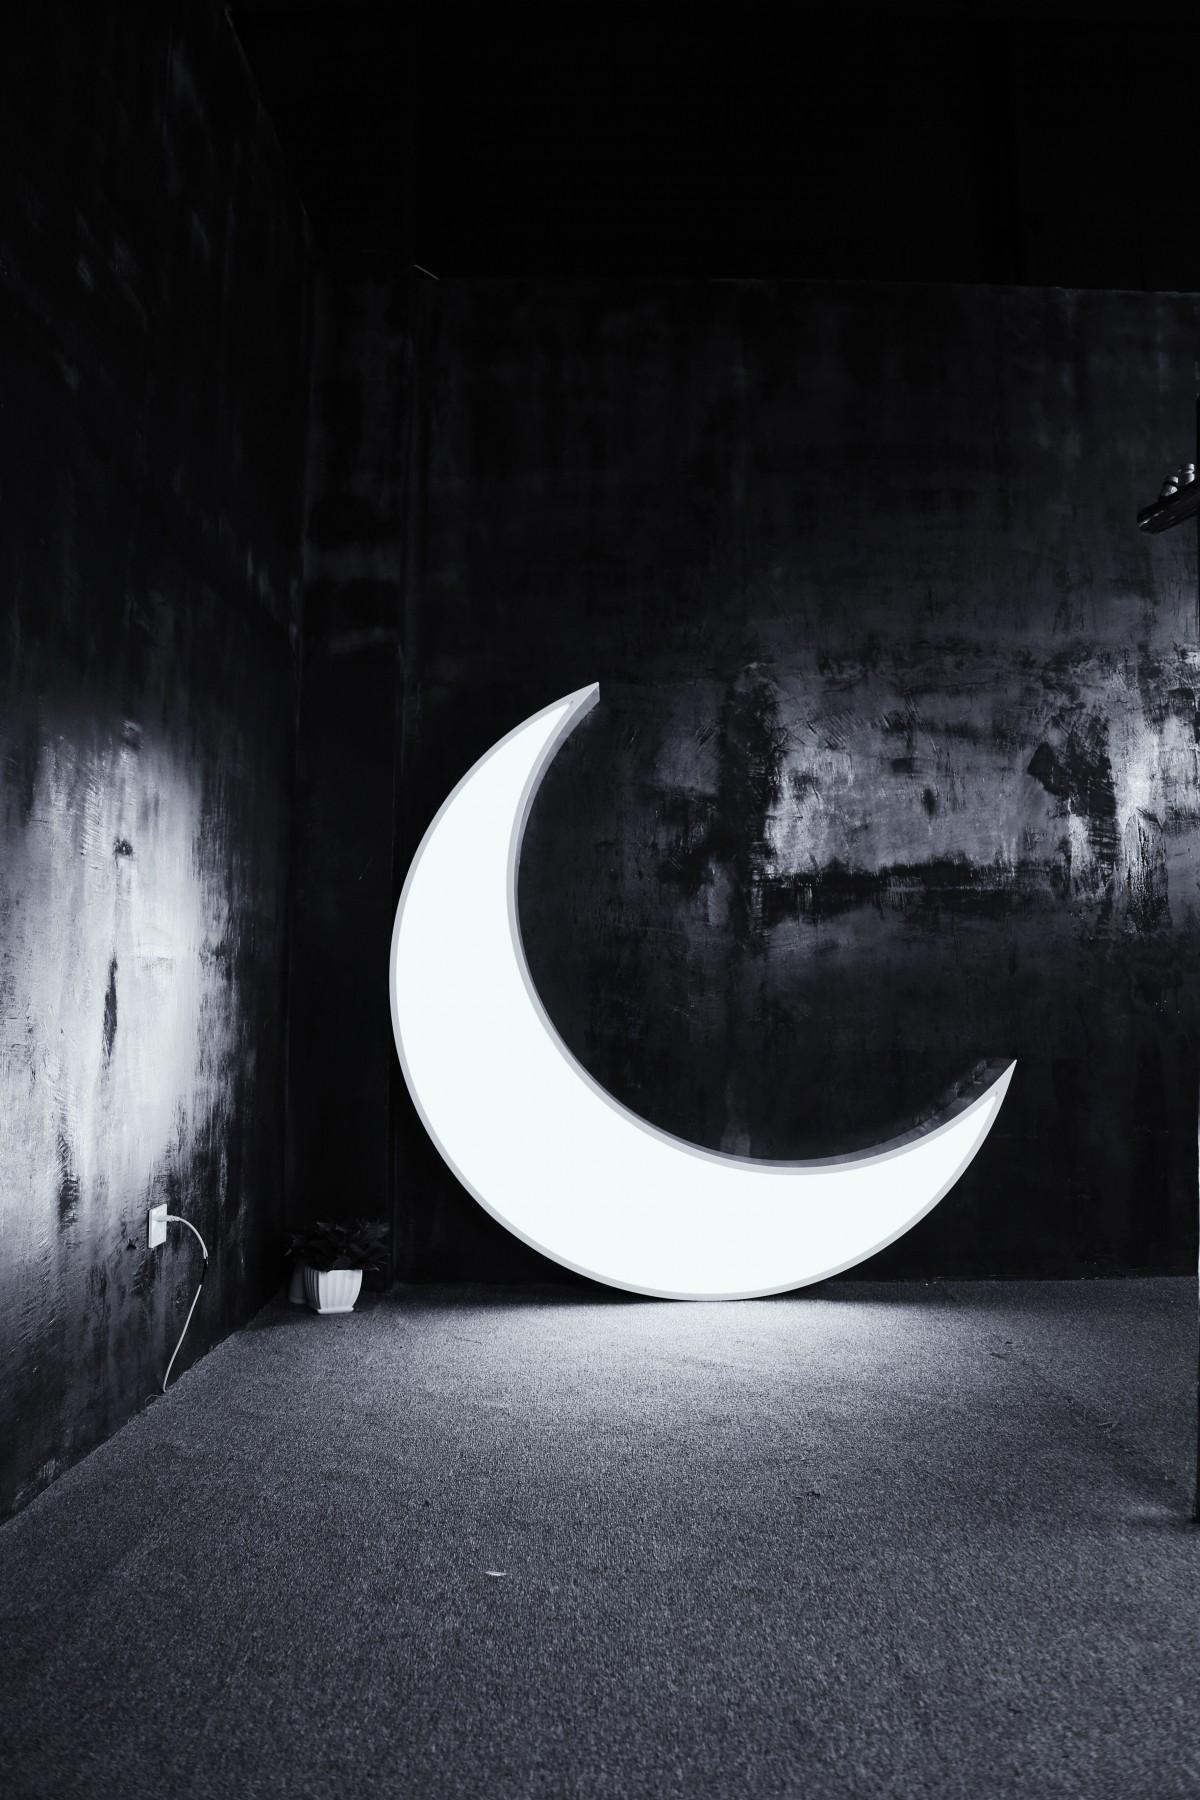 Fotos gratis : ligero, en blanco y negro, noche ...